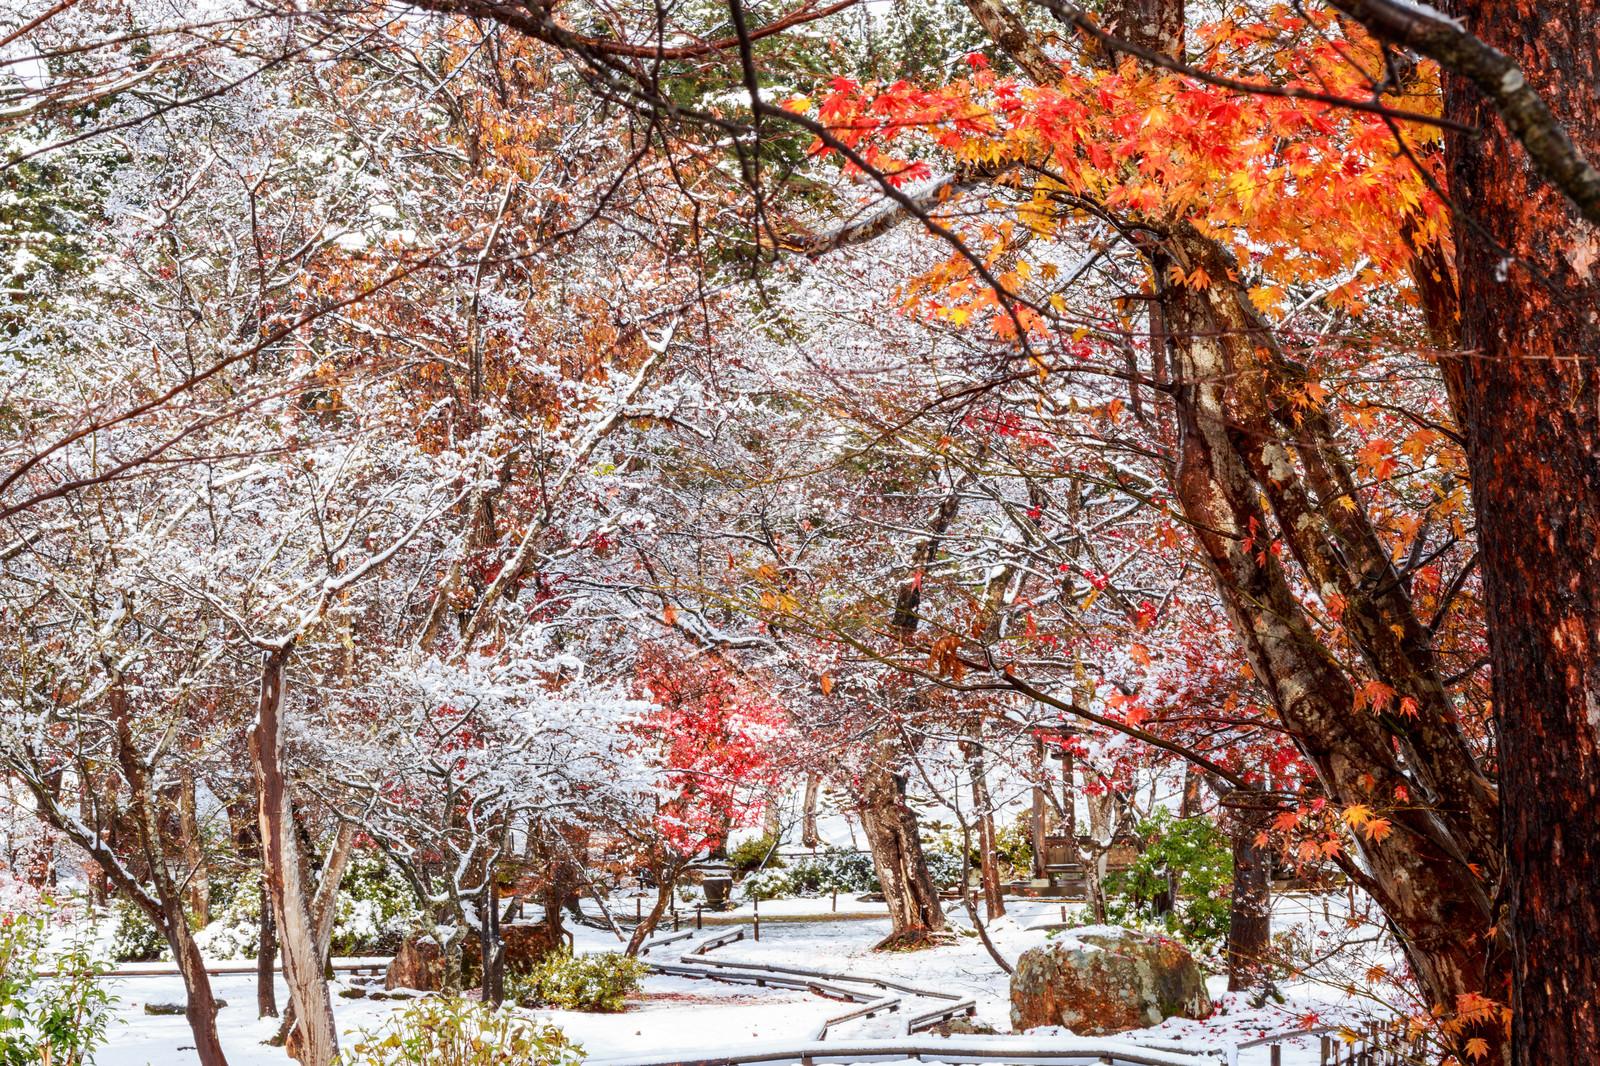 「紅葉と雪の庭紅葉と雪の庭」のフリー写真素材を拡大